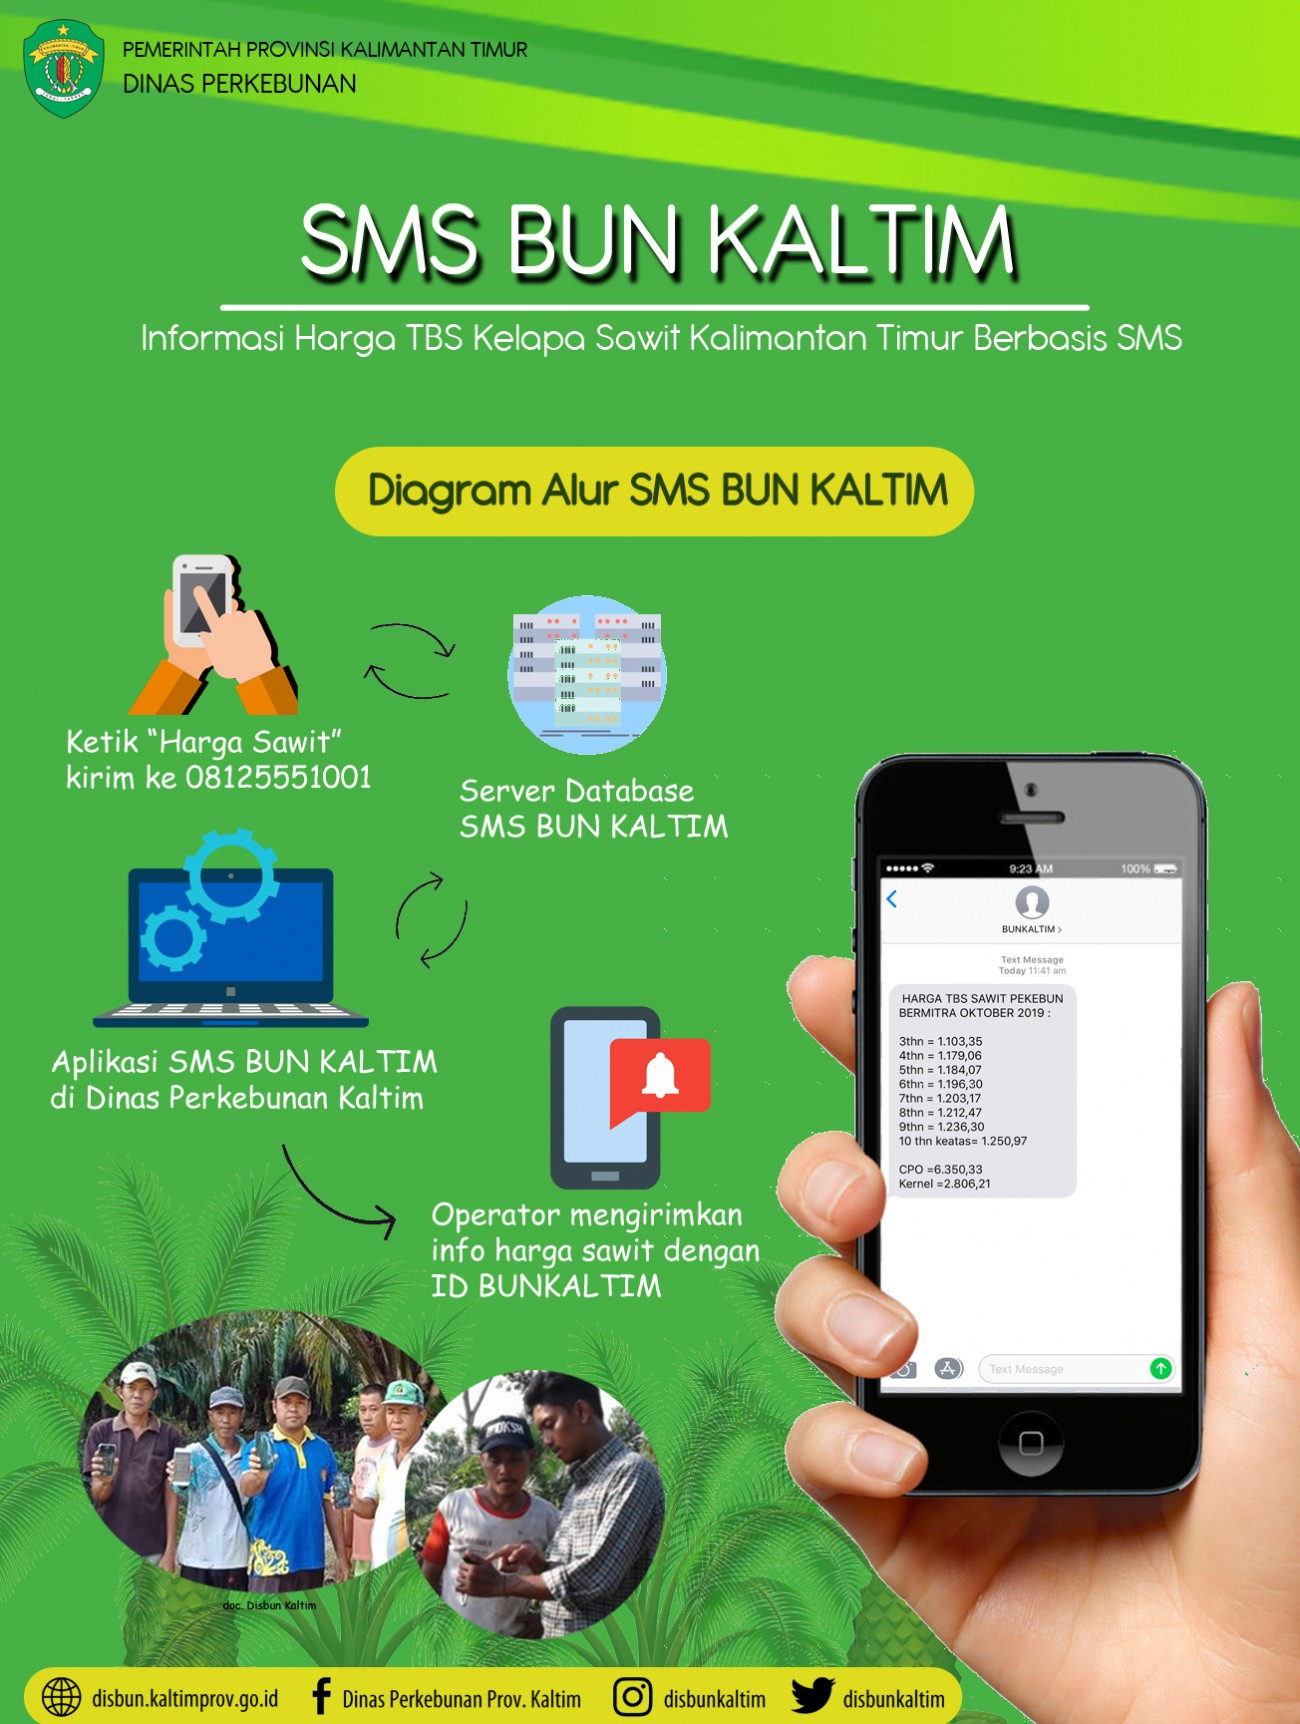 SMS BUNKALTIM : Informasi Harga TBS Kelapa Sawit Kalimantan Timur Berbasis SMS